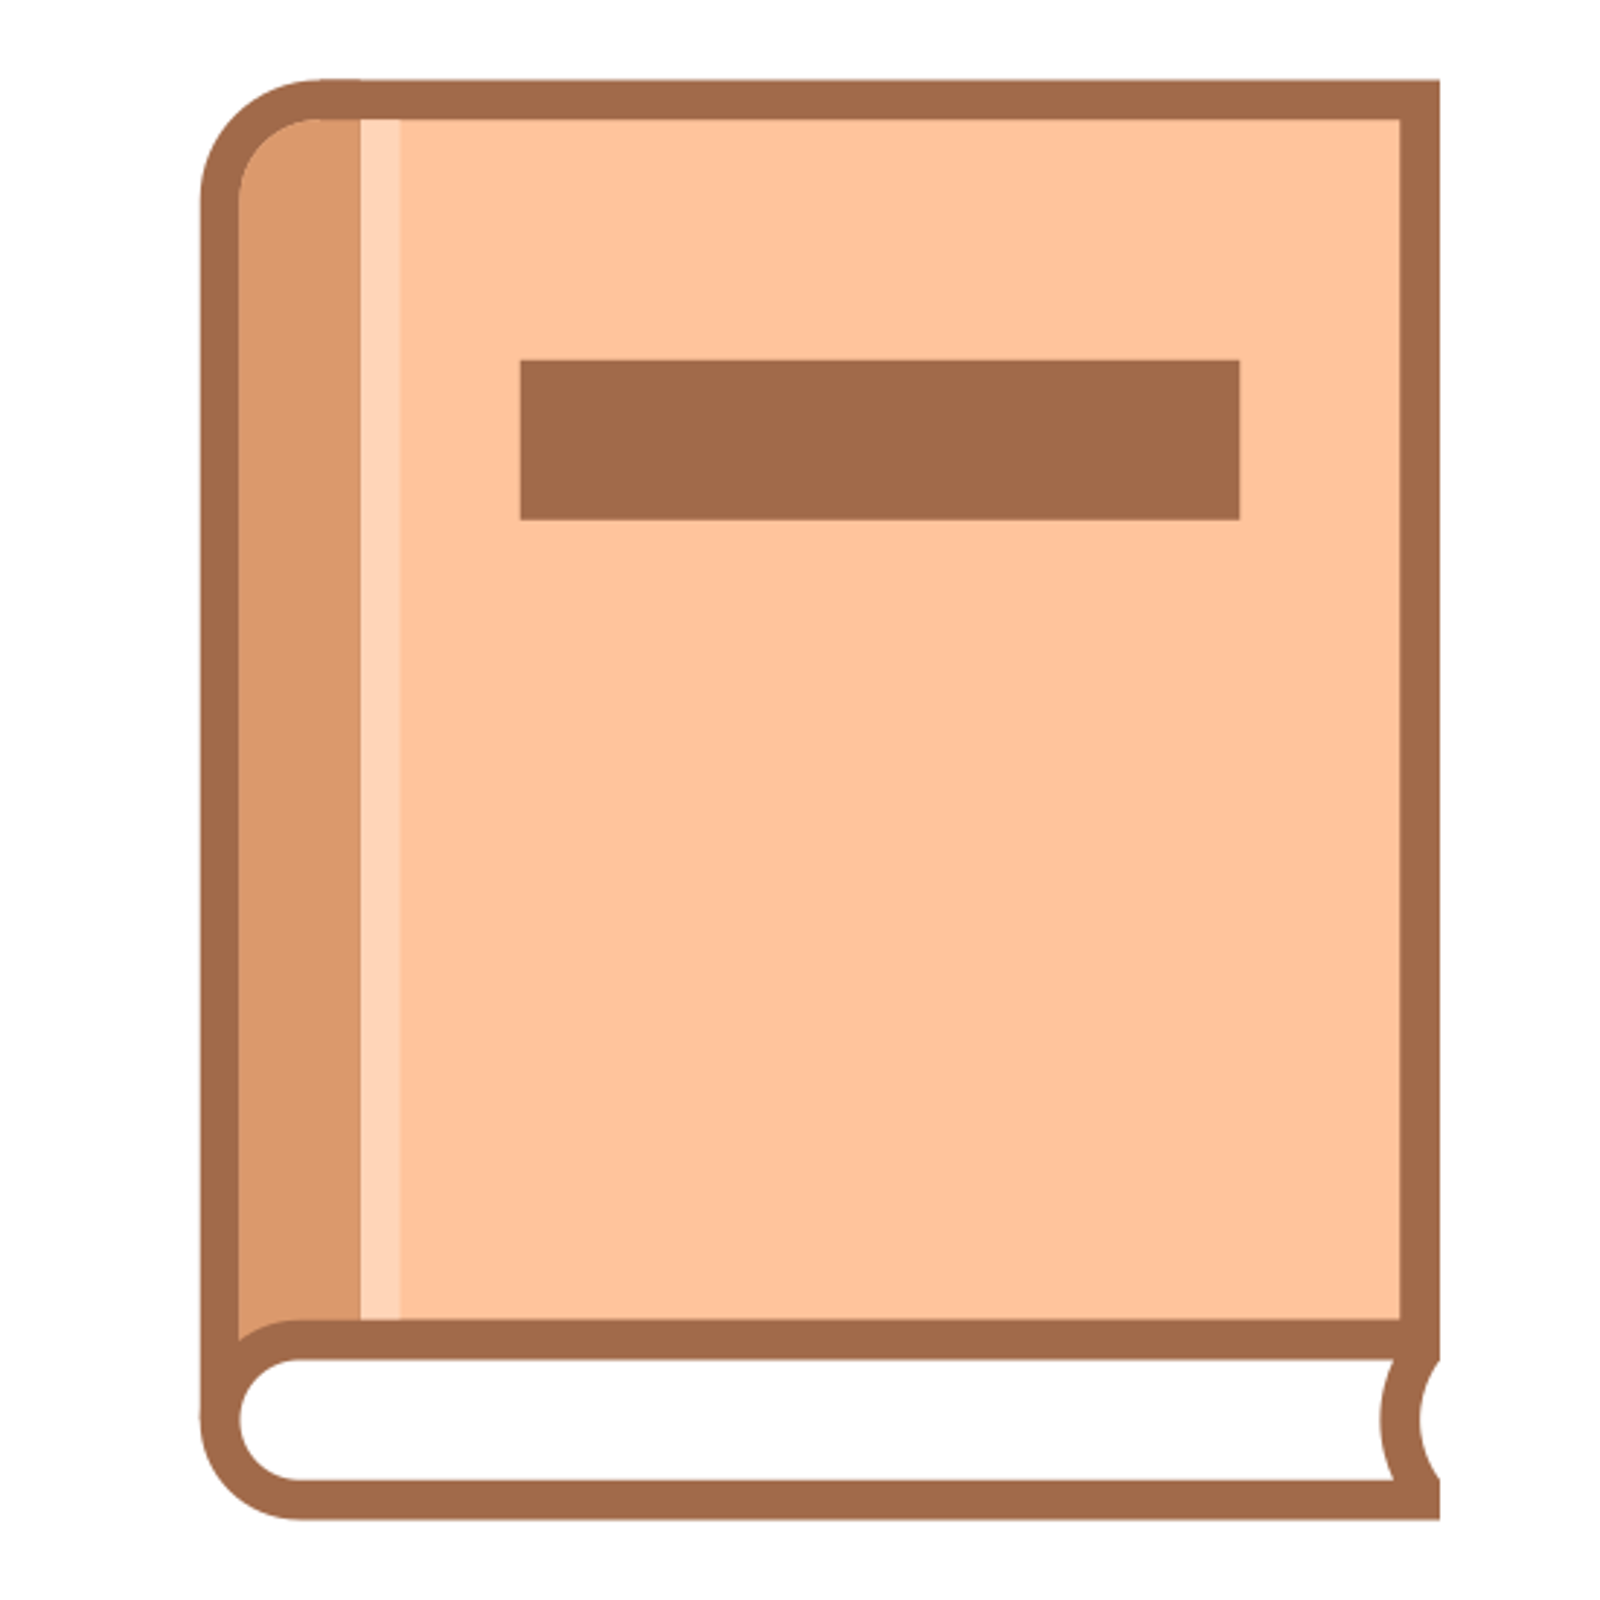 Libro icon